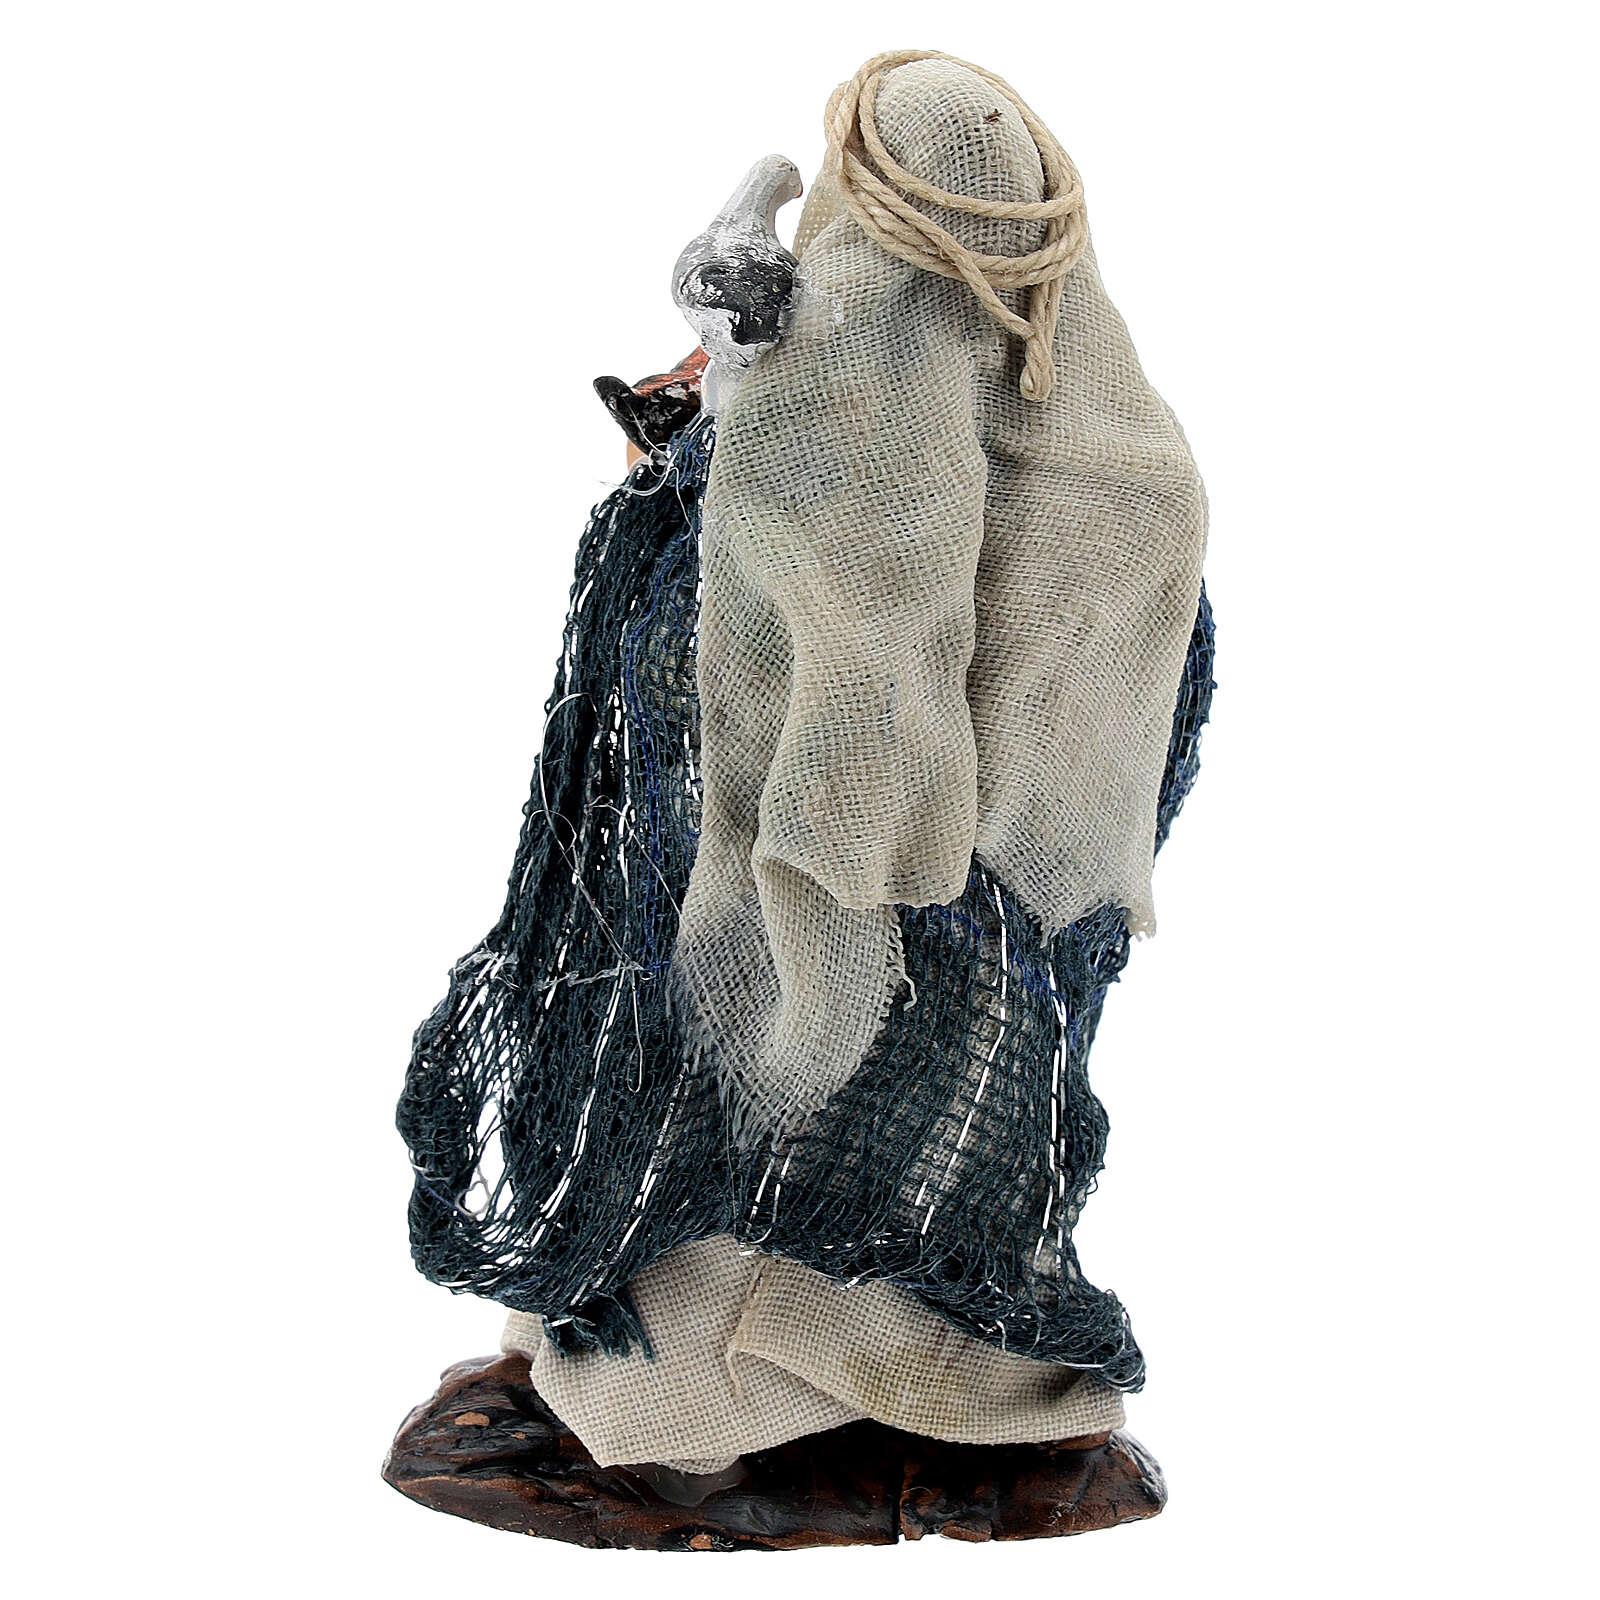 Donna con colombi statua terracotta presepe napoletano 8 cm 4